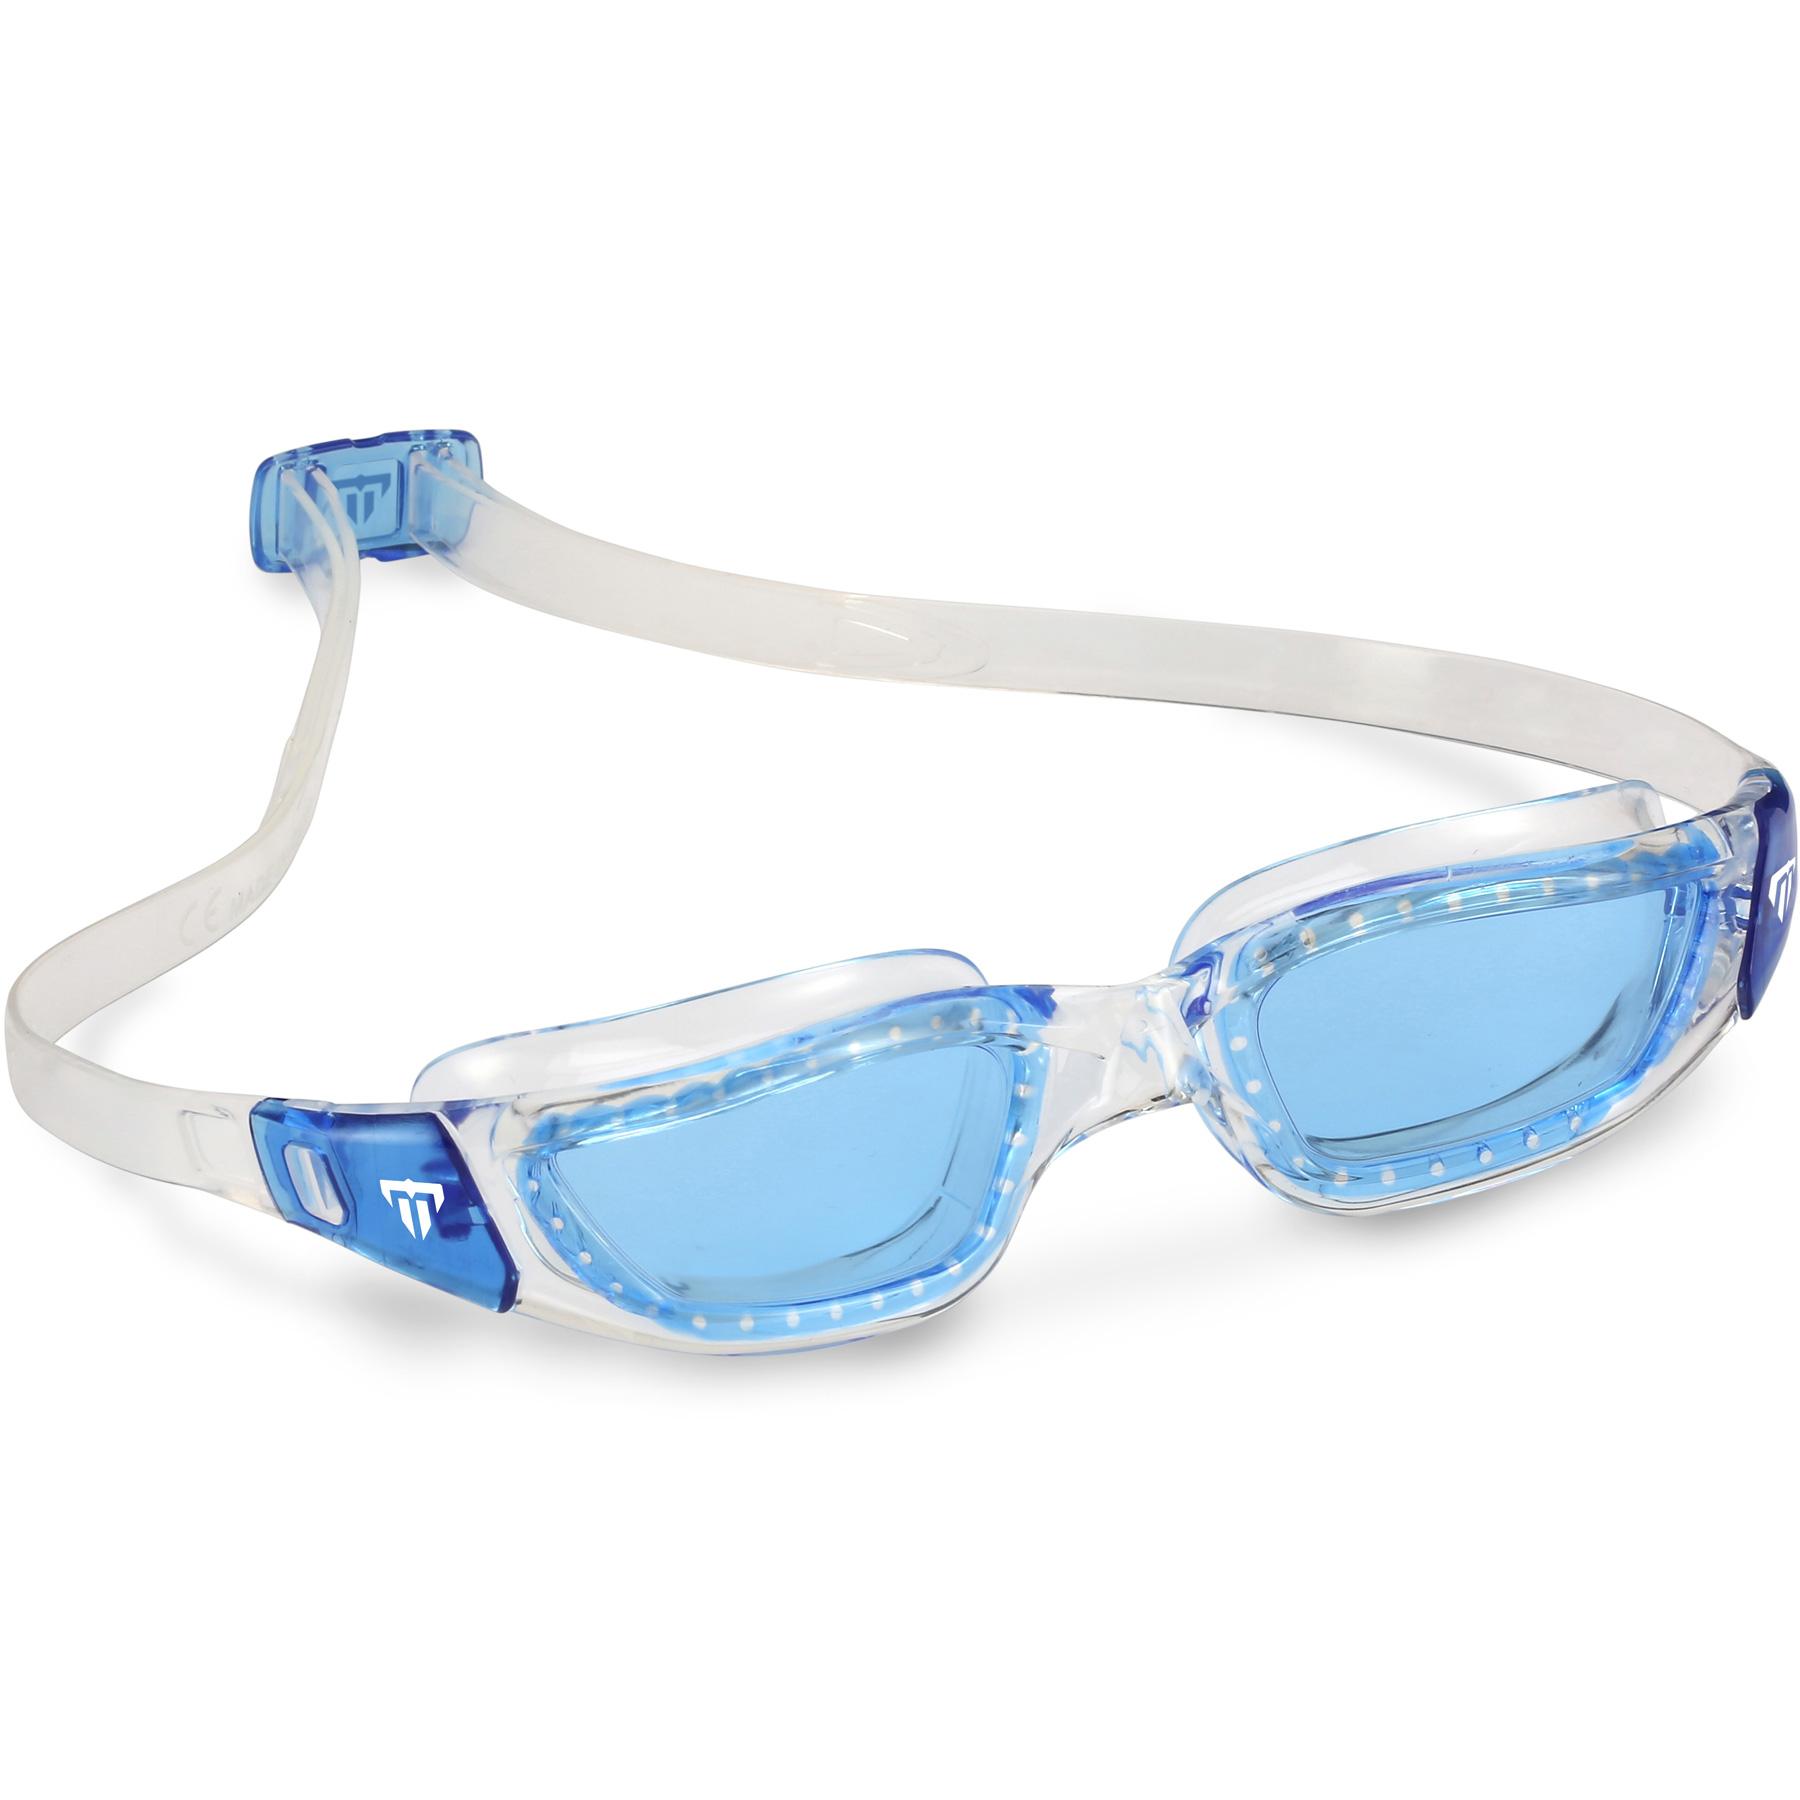 Produktbild von Phelps TIBURON Schwimmbrille - Blue - L - Clear/Blue